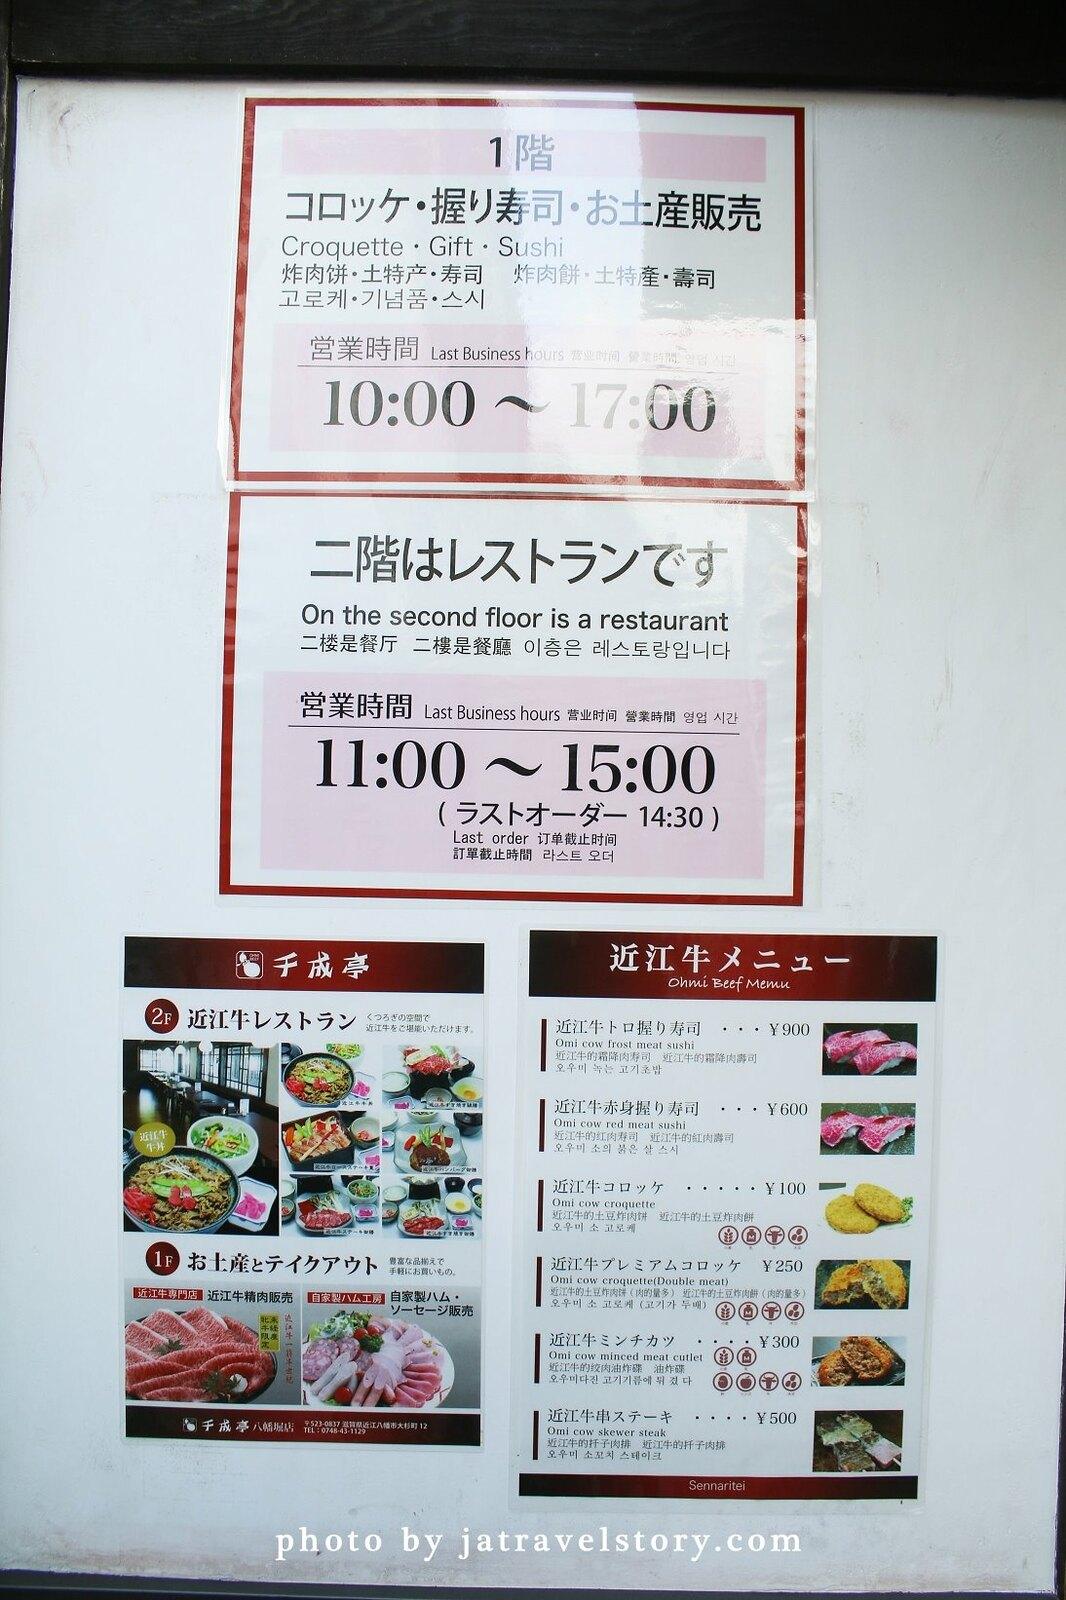 千成亭近江牛料理-近江牛握壽司口感細嫩、香氣濃厚!還有近江牛丼、壽喜燒、燒肉、可樂餅可以選擇【滋賀近江八幡美食】 @J&A的旅行